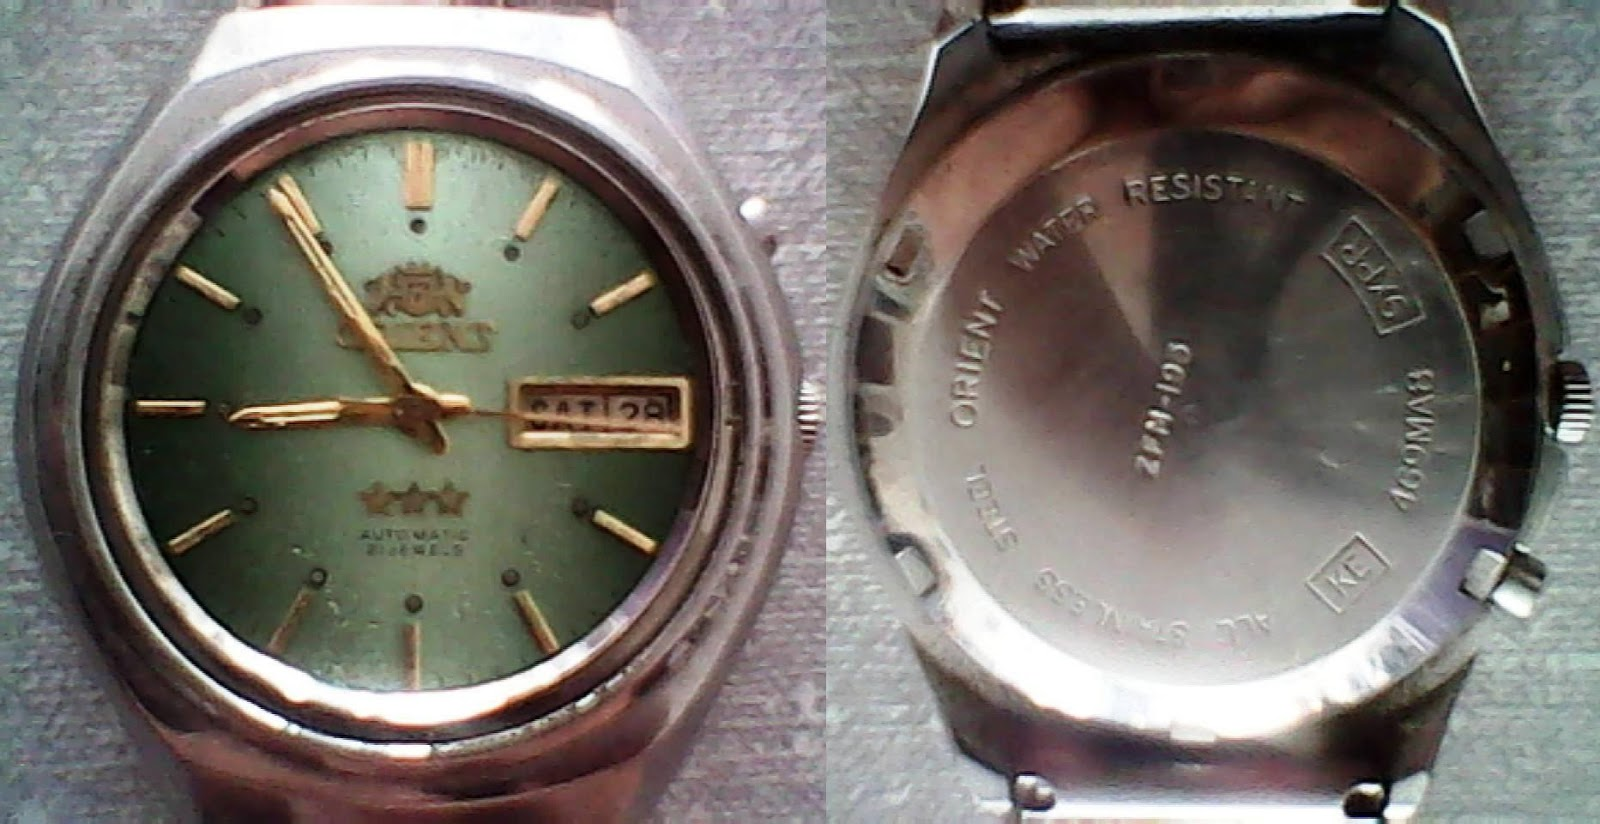 ecf3ee225eb Existem algumas diferenças entre os relógios da marca Orient modelo automatico  antigos e modernos